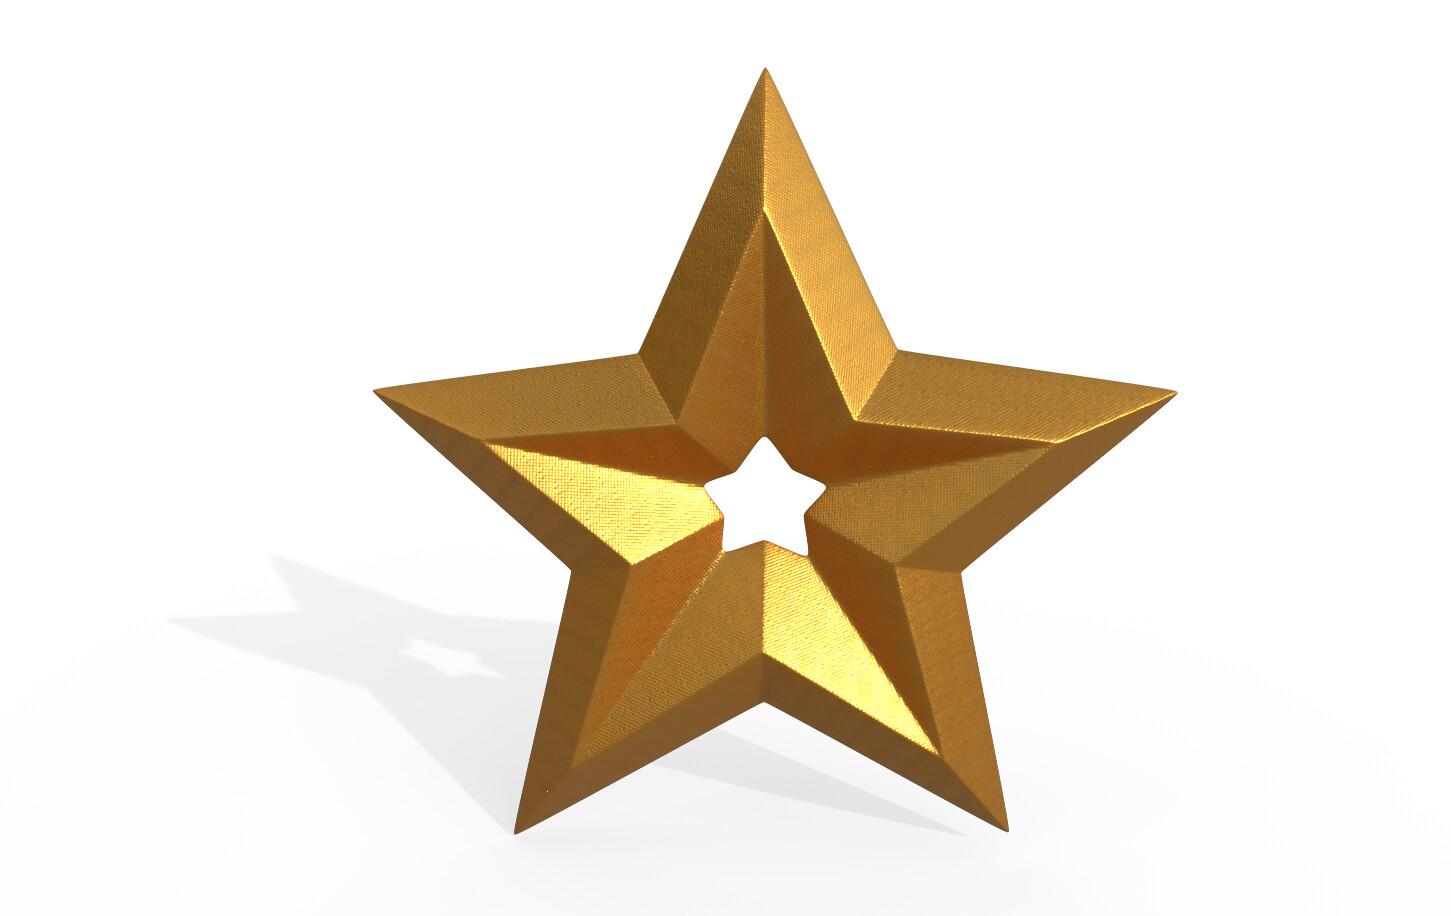 Joseph moniz star001d